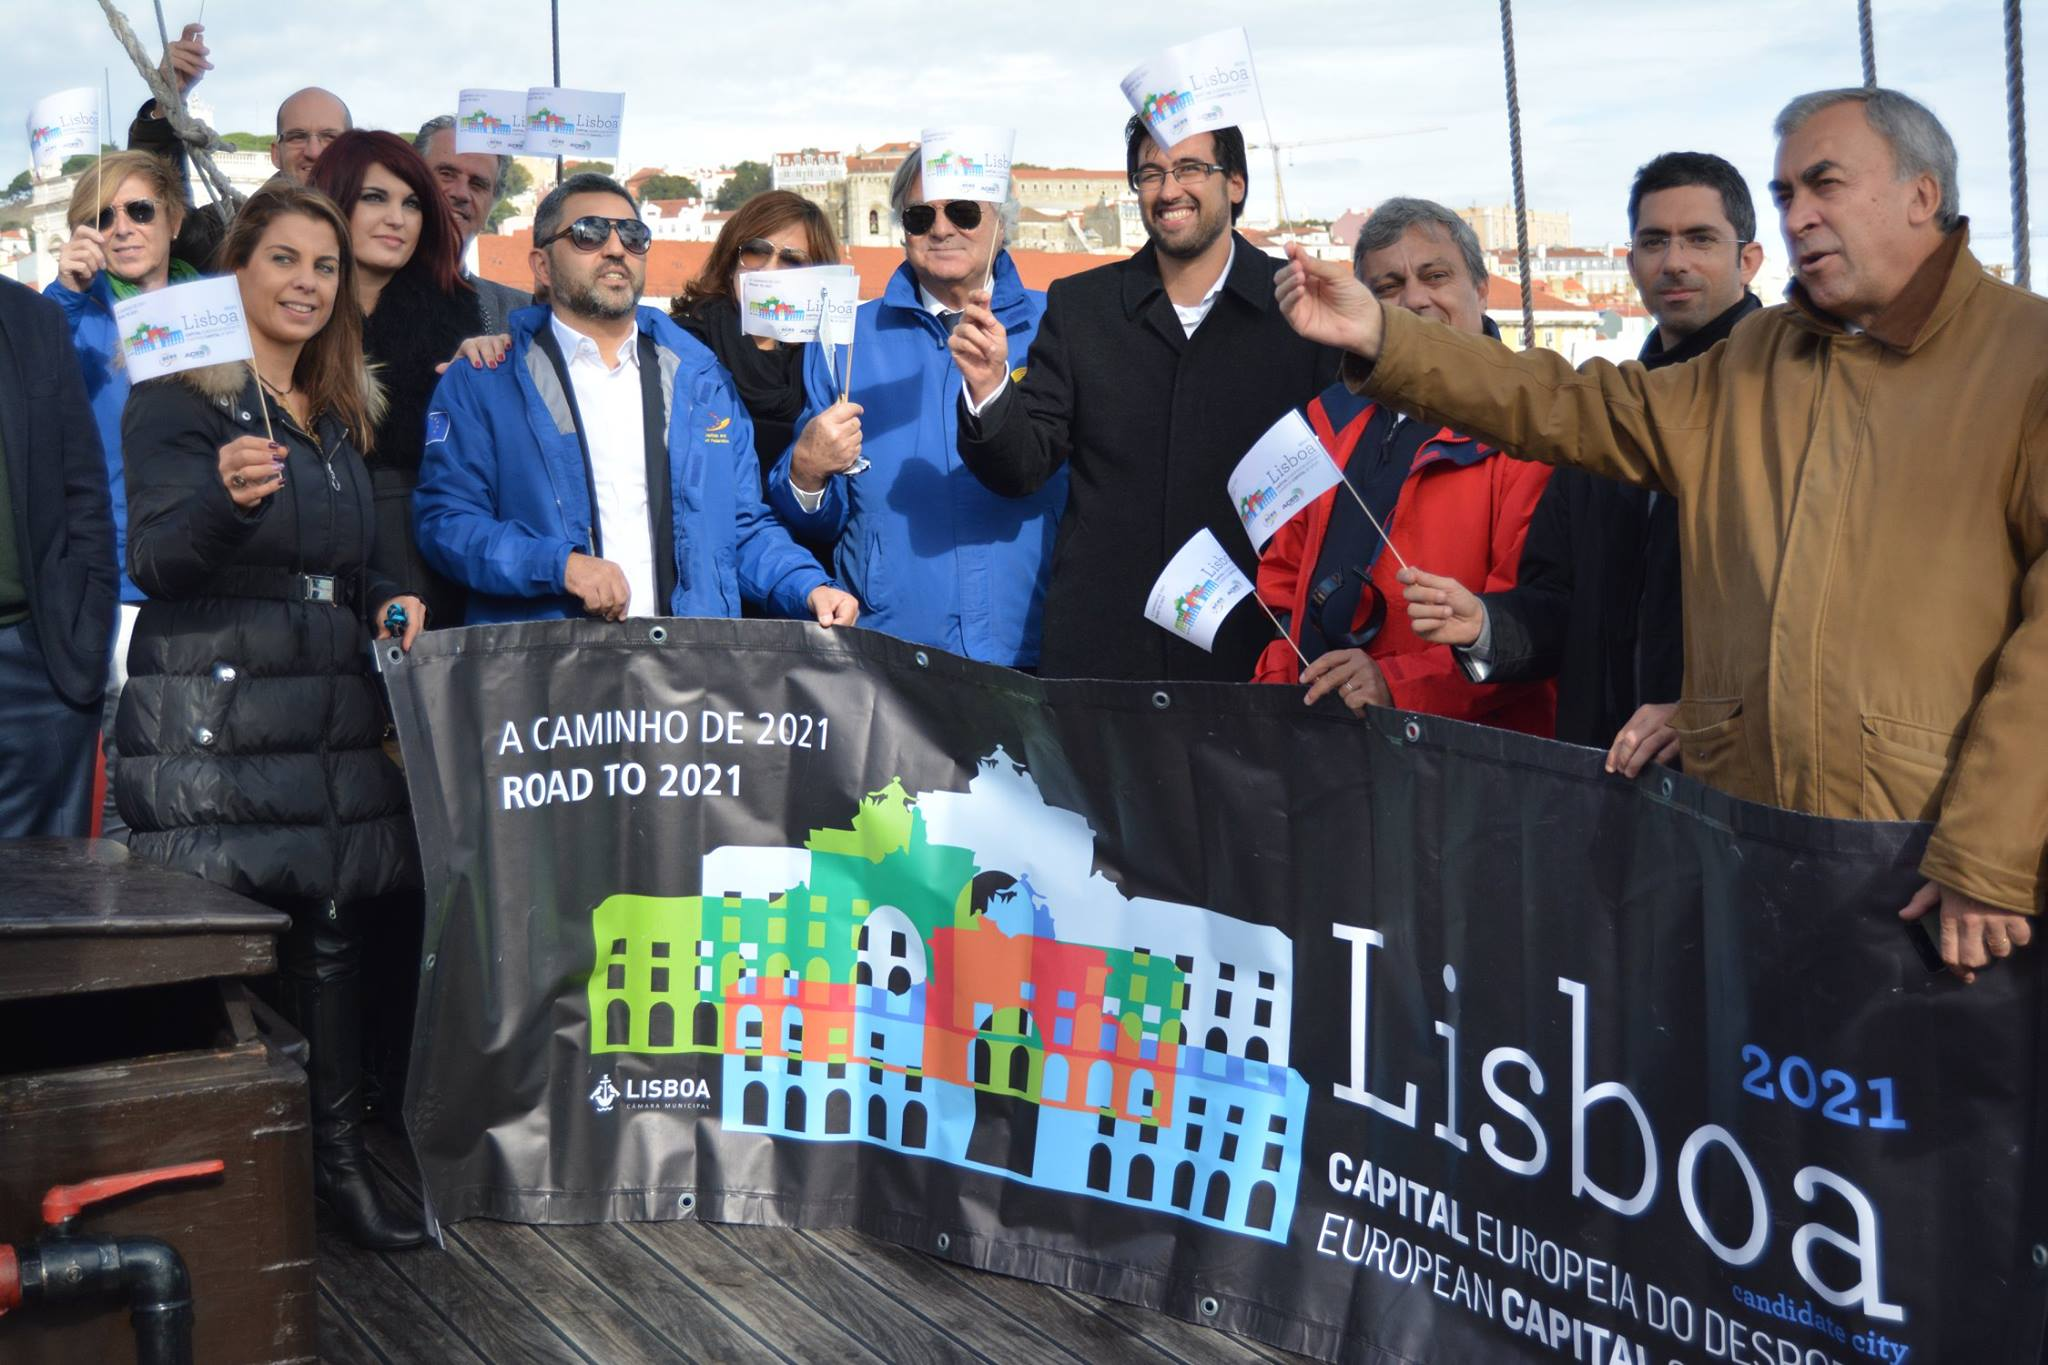 Lisboa a caminho de 2021,candidata a Capital Europeia do Desporto.